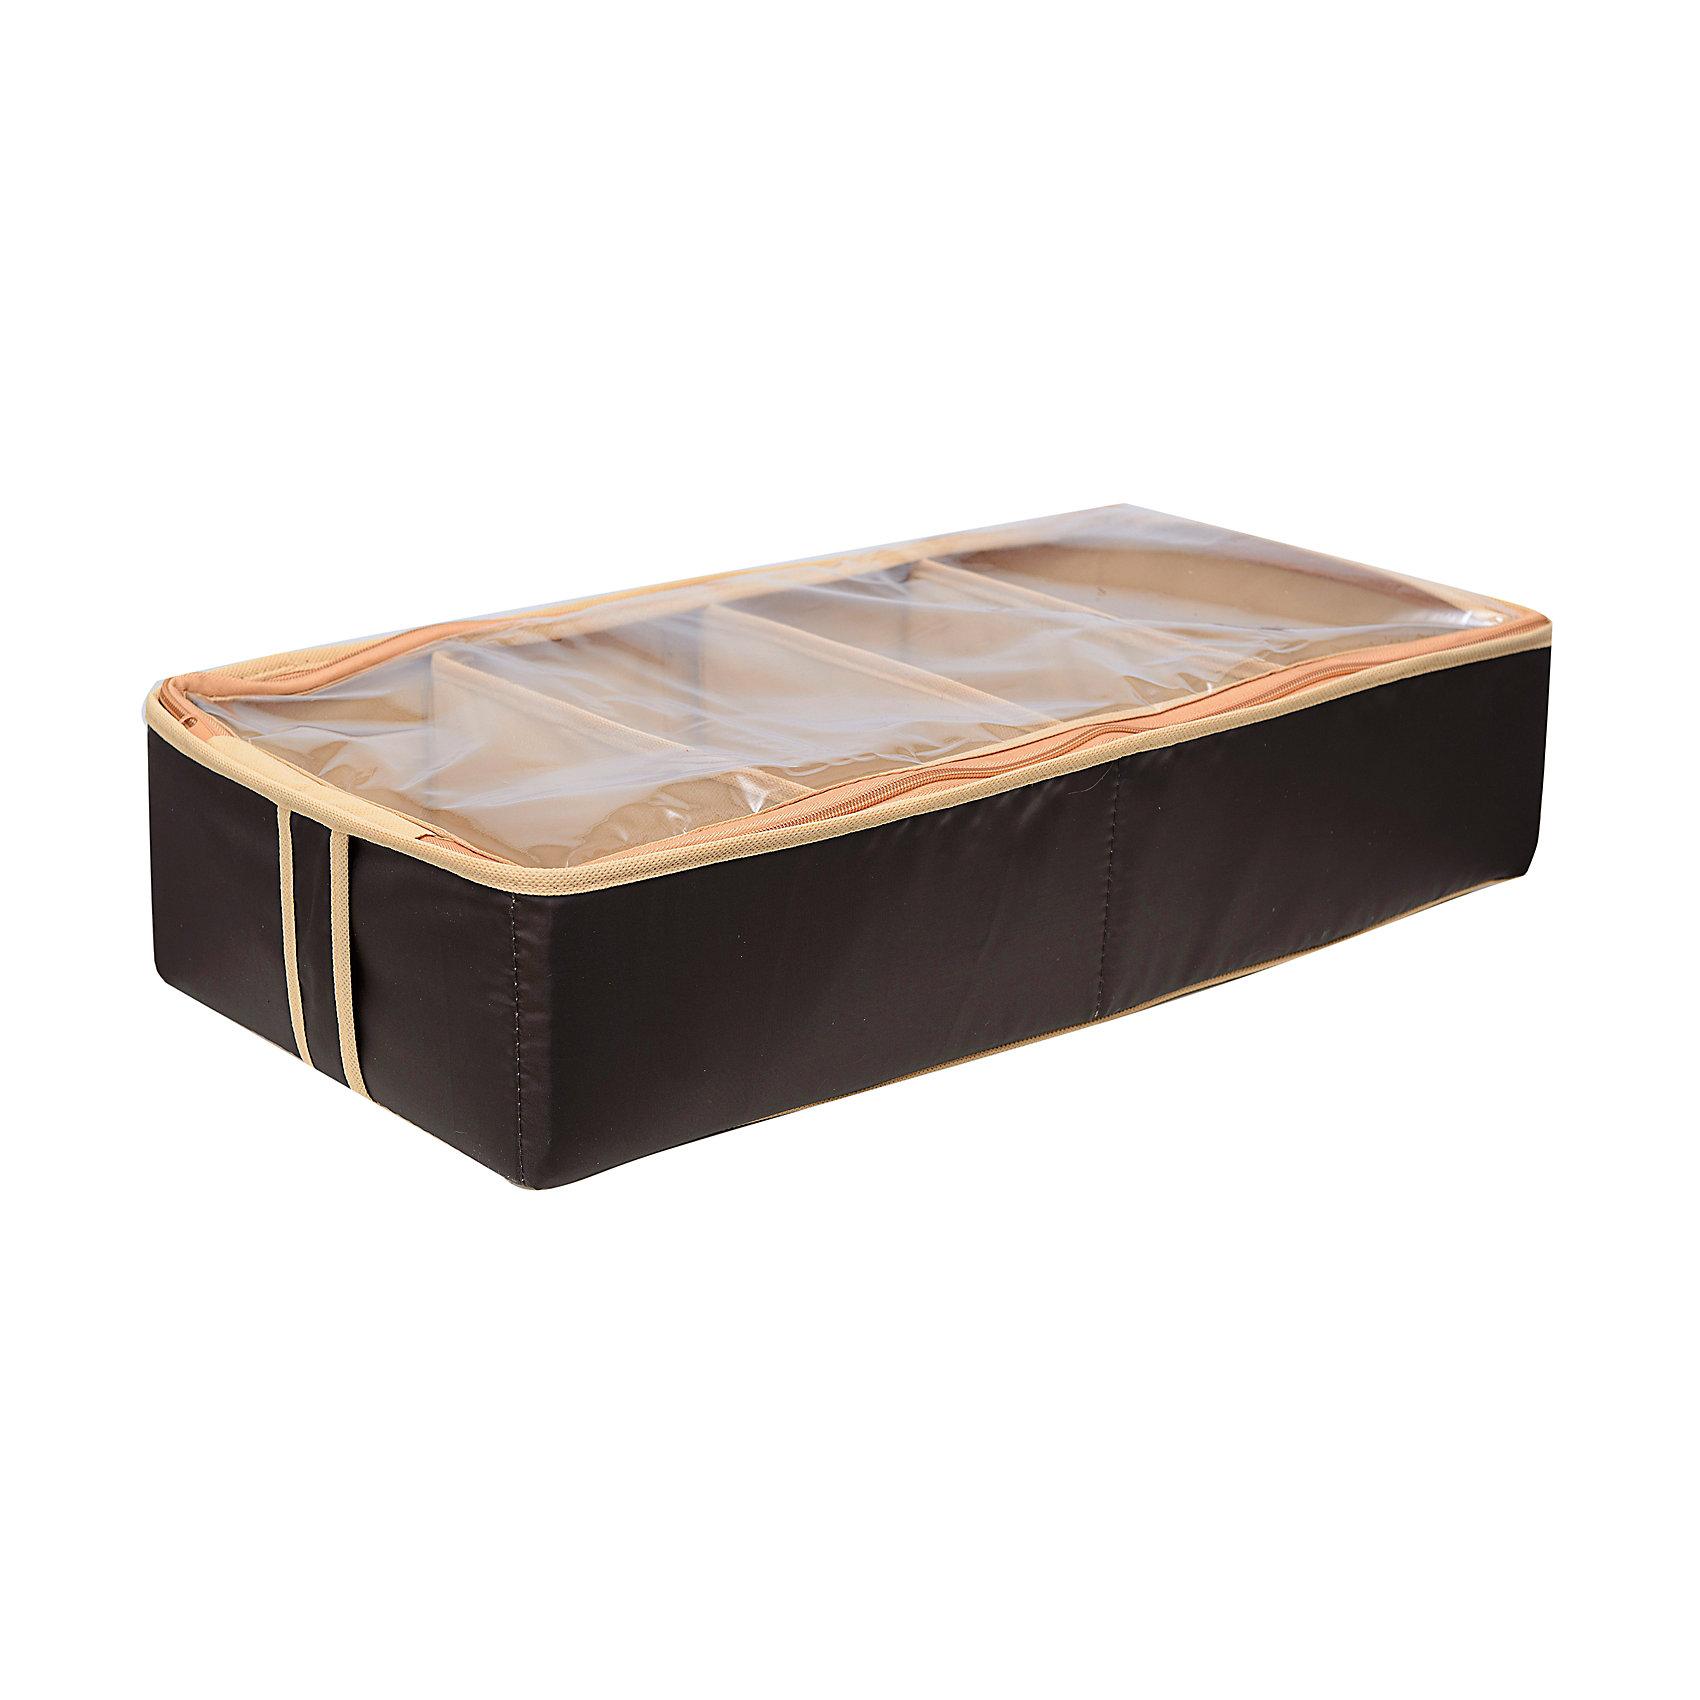 Органайзер для обуви на 4 бокса Costa-Rica, HomsuОрганайзеры для одежды<br>Характеристики товара:<br><br>• цвет: коричневый<br>• материал: полиэстер, картон, ПВХ<br>• размер: 52х26х12 см<br>• вес: 500 г<br>• легкий прочный каркас<br>• застежка: молния<br>• прозрачная крышка<br>• вместимость: 4 отделения<br>• страна бренда: Россия<br>• страна изготовитель: Китай<br><br>Органайзер для обуви на 4 бокса Costa-Rica от бренда Homsu (Хомсу) - очень удобная вещь для хранения вещей и эргономичной организации пространства.<br><br>Он легкий, устойчивый, вместительный, крышка защищает вещи от пыли.<br><br>Органайзер для обуви на 4 бокса Costa-Rica, Homsu можно купить в нашем интернет-магазине.<br><br>Ширина мм: 330<br>Глубина мм: 270<br>Высота мм: 20<br>Вес г: 500<br>Возраст от месяцев: 216<br>Возраст до месяцев: 1188<br>Пол: Унисекс<br>Возраст: Детский<br>SKU: 5620218